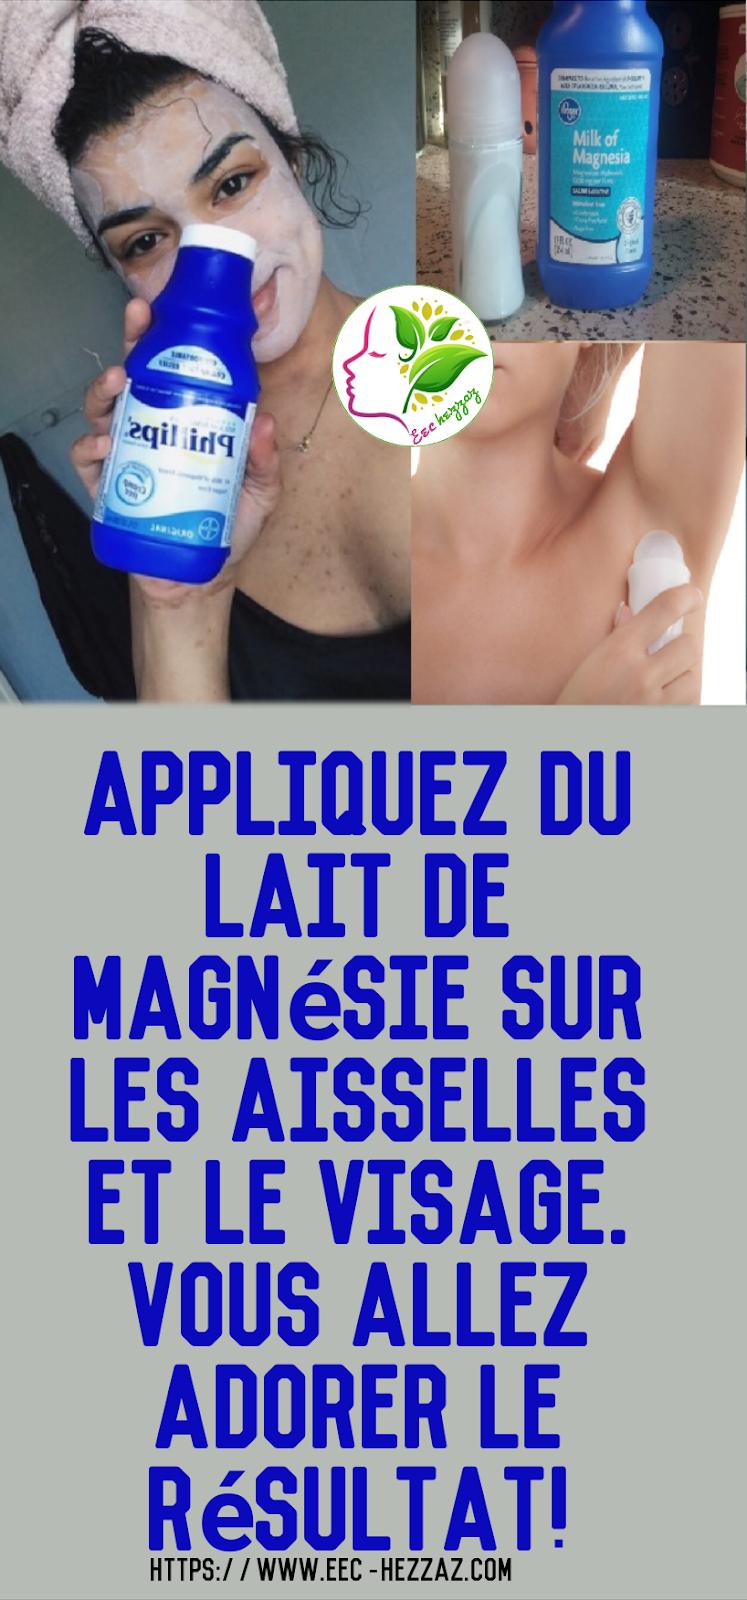 Appliquez du lait de magnésie sur les aisselles et le visage. Vous allez adorer le résultat!